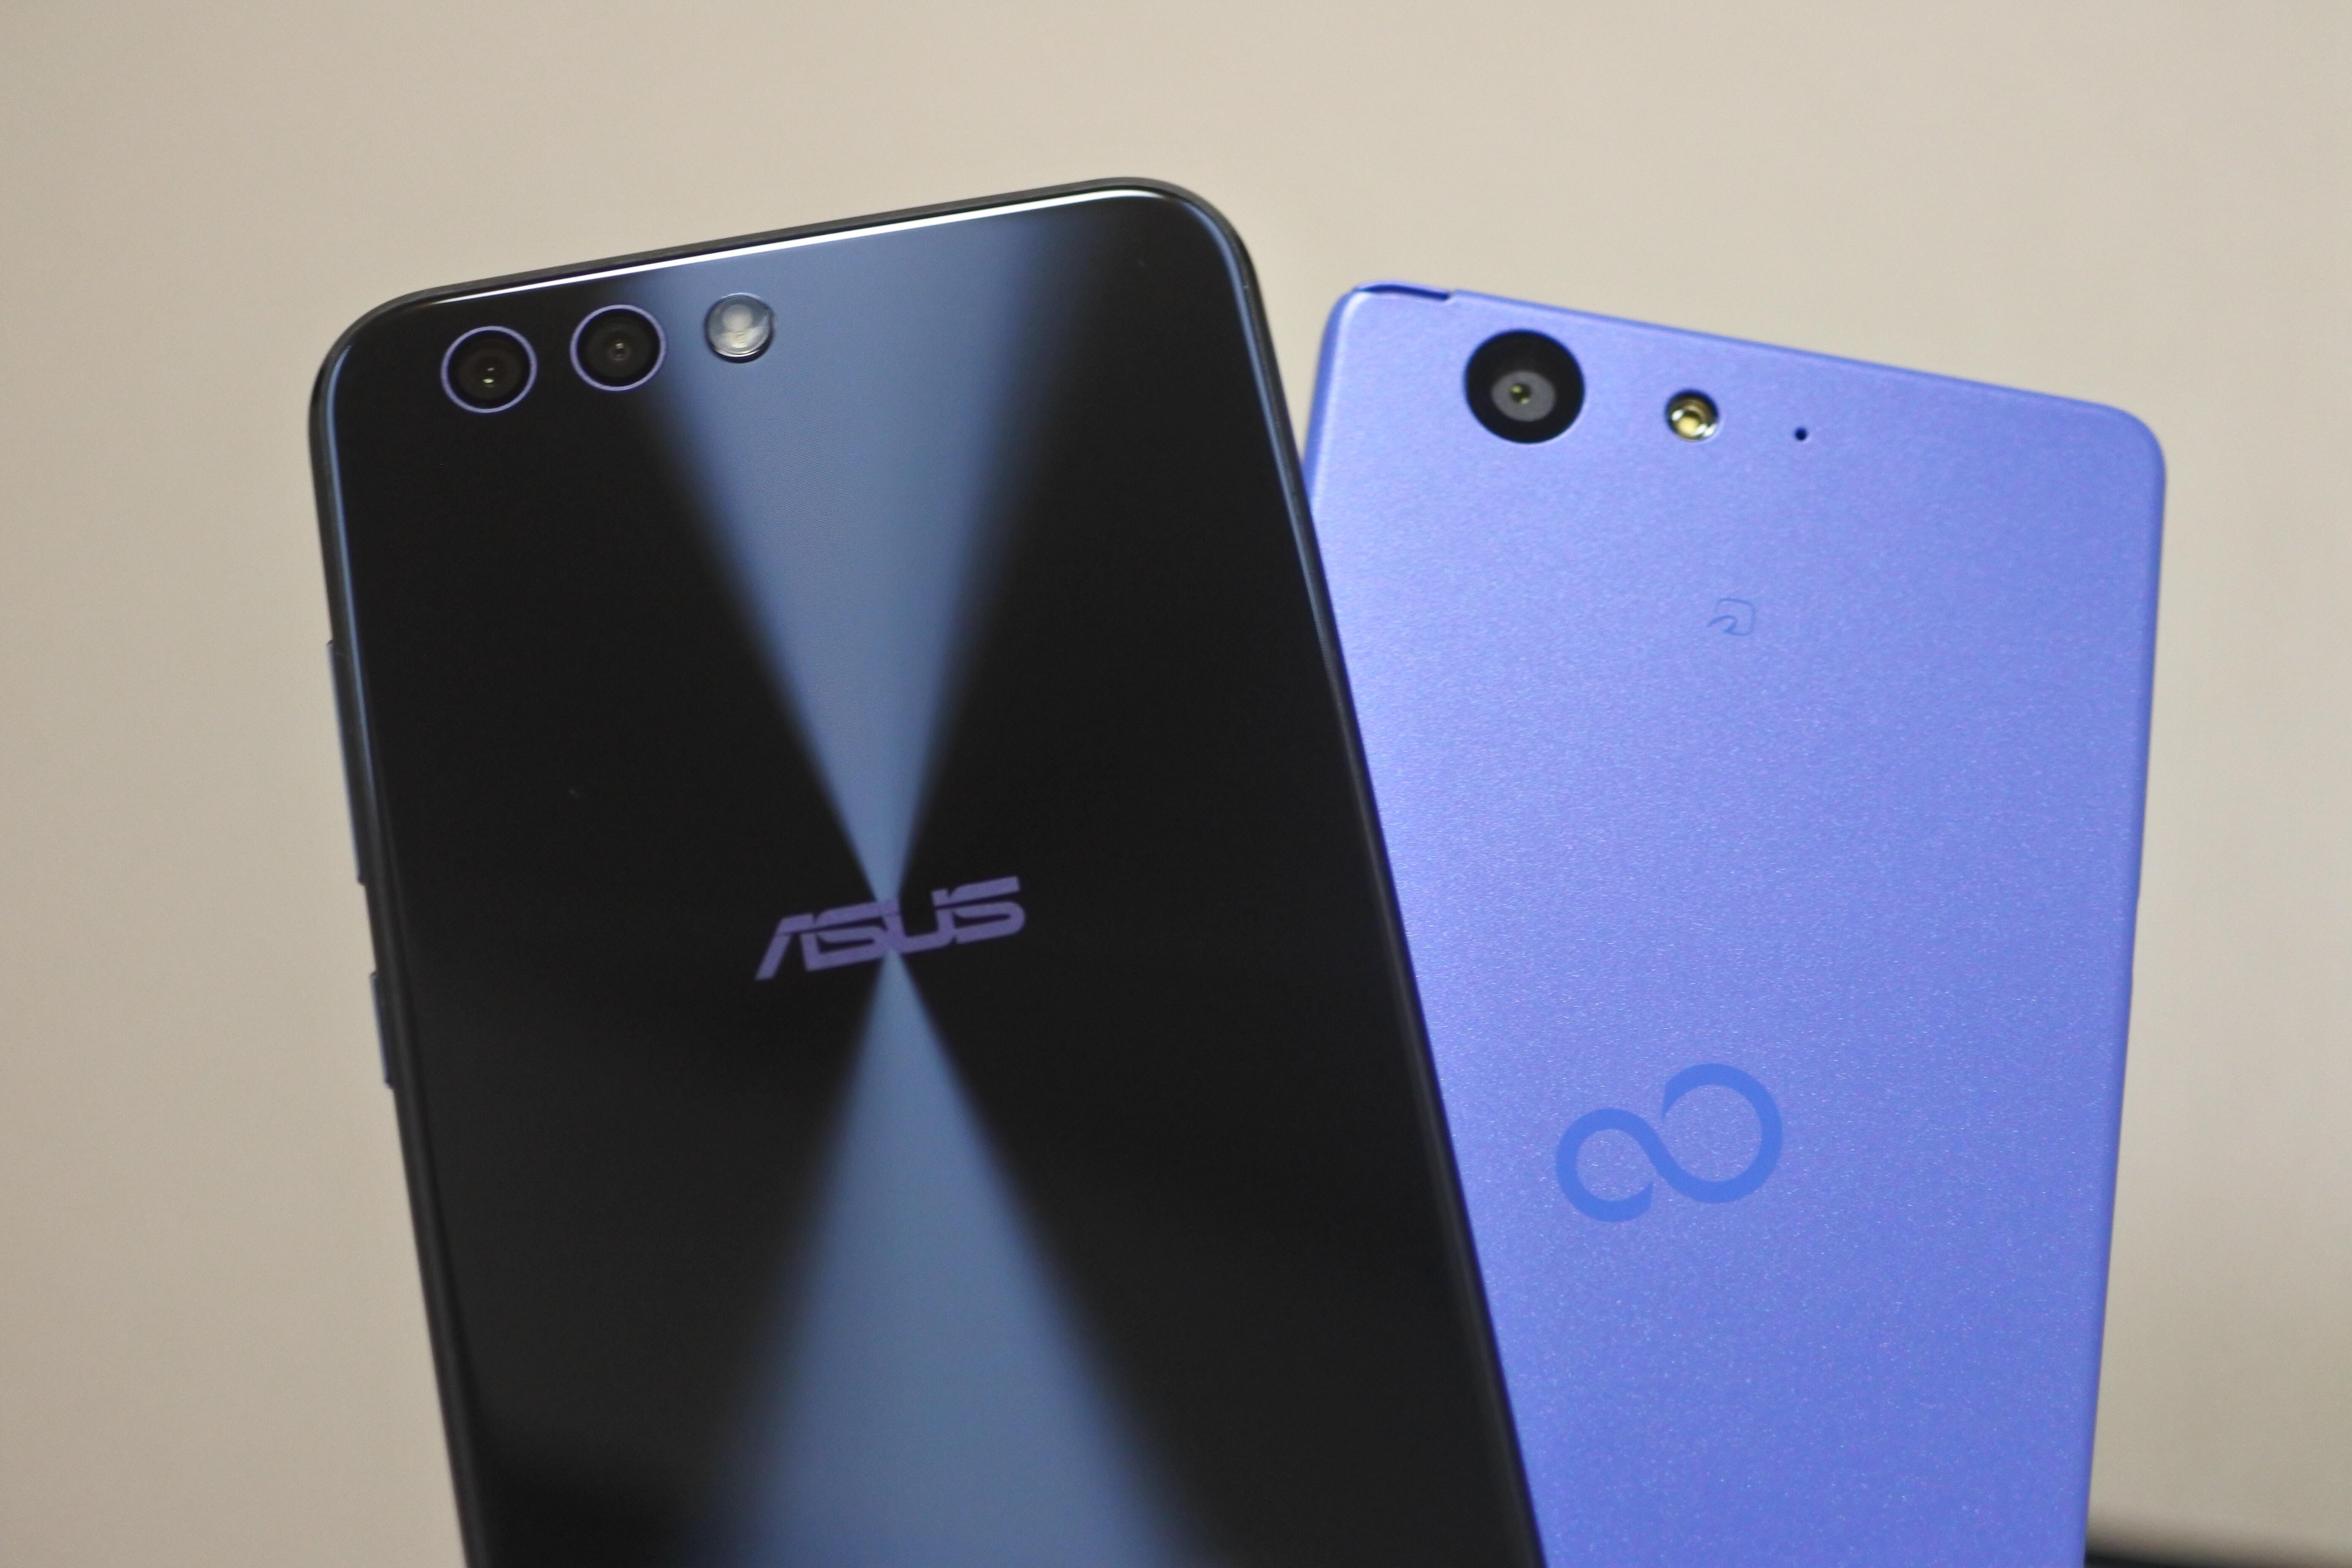 ZenFone 4とarrows M04はどちらが良いのか違いを比較!